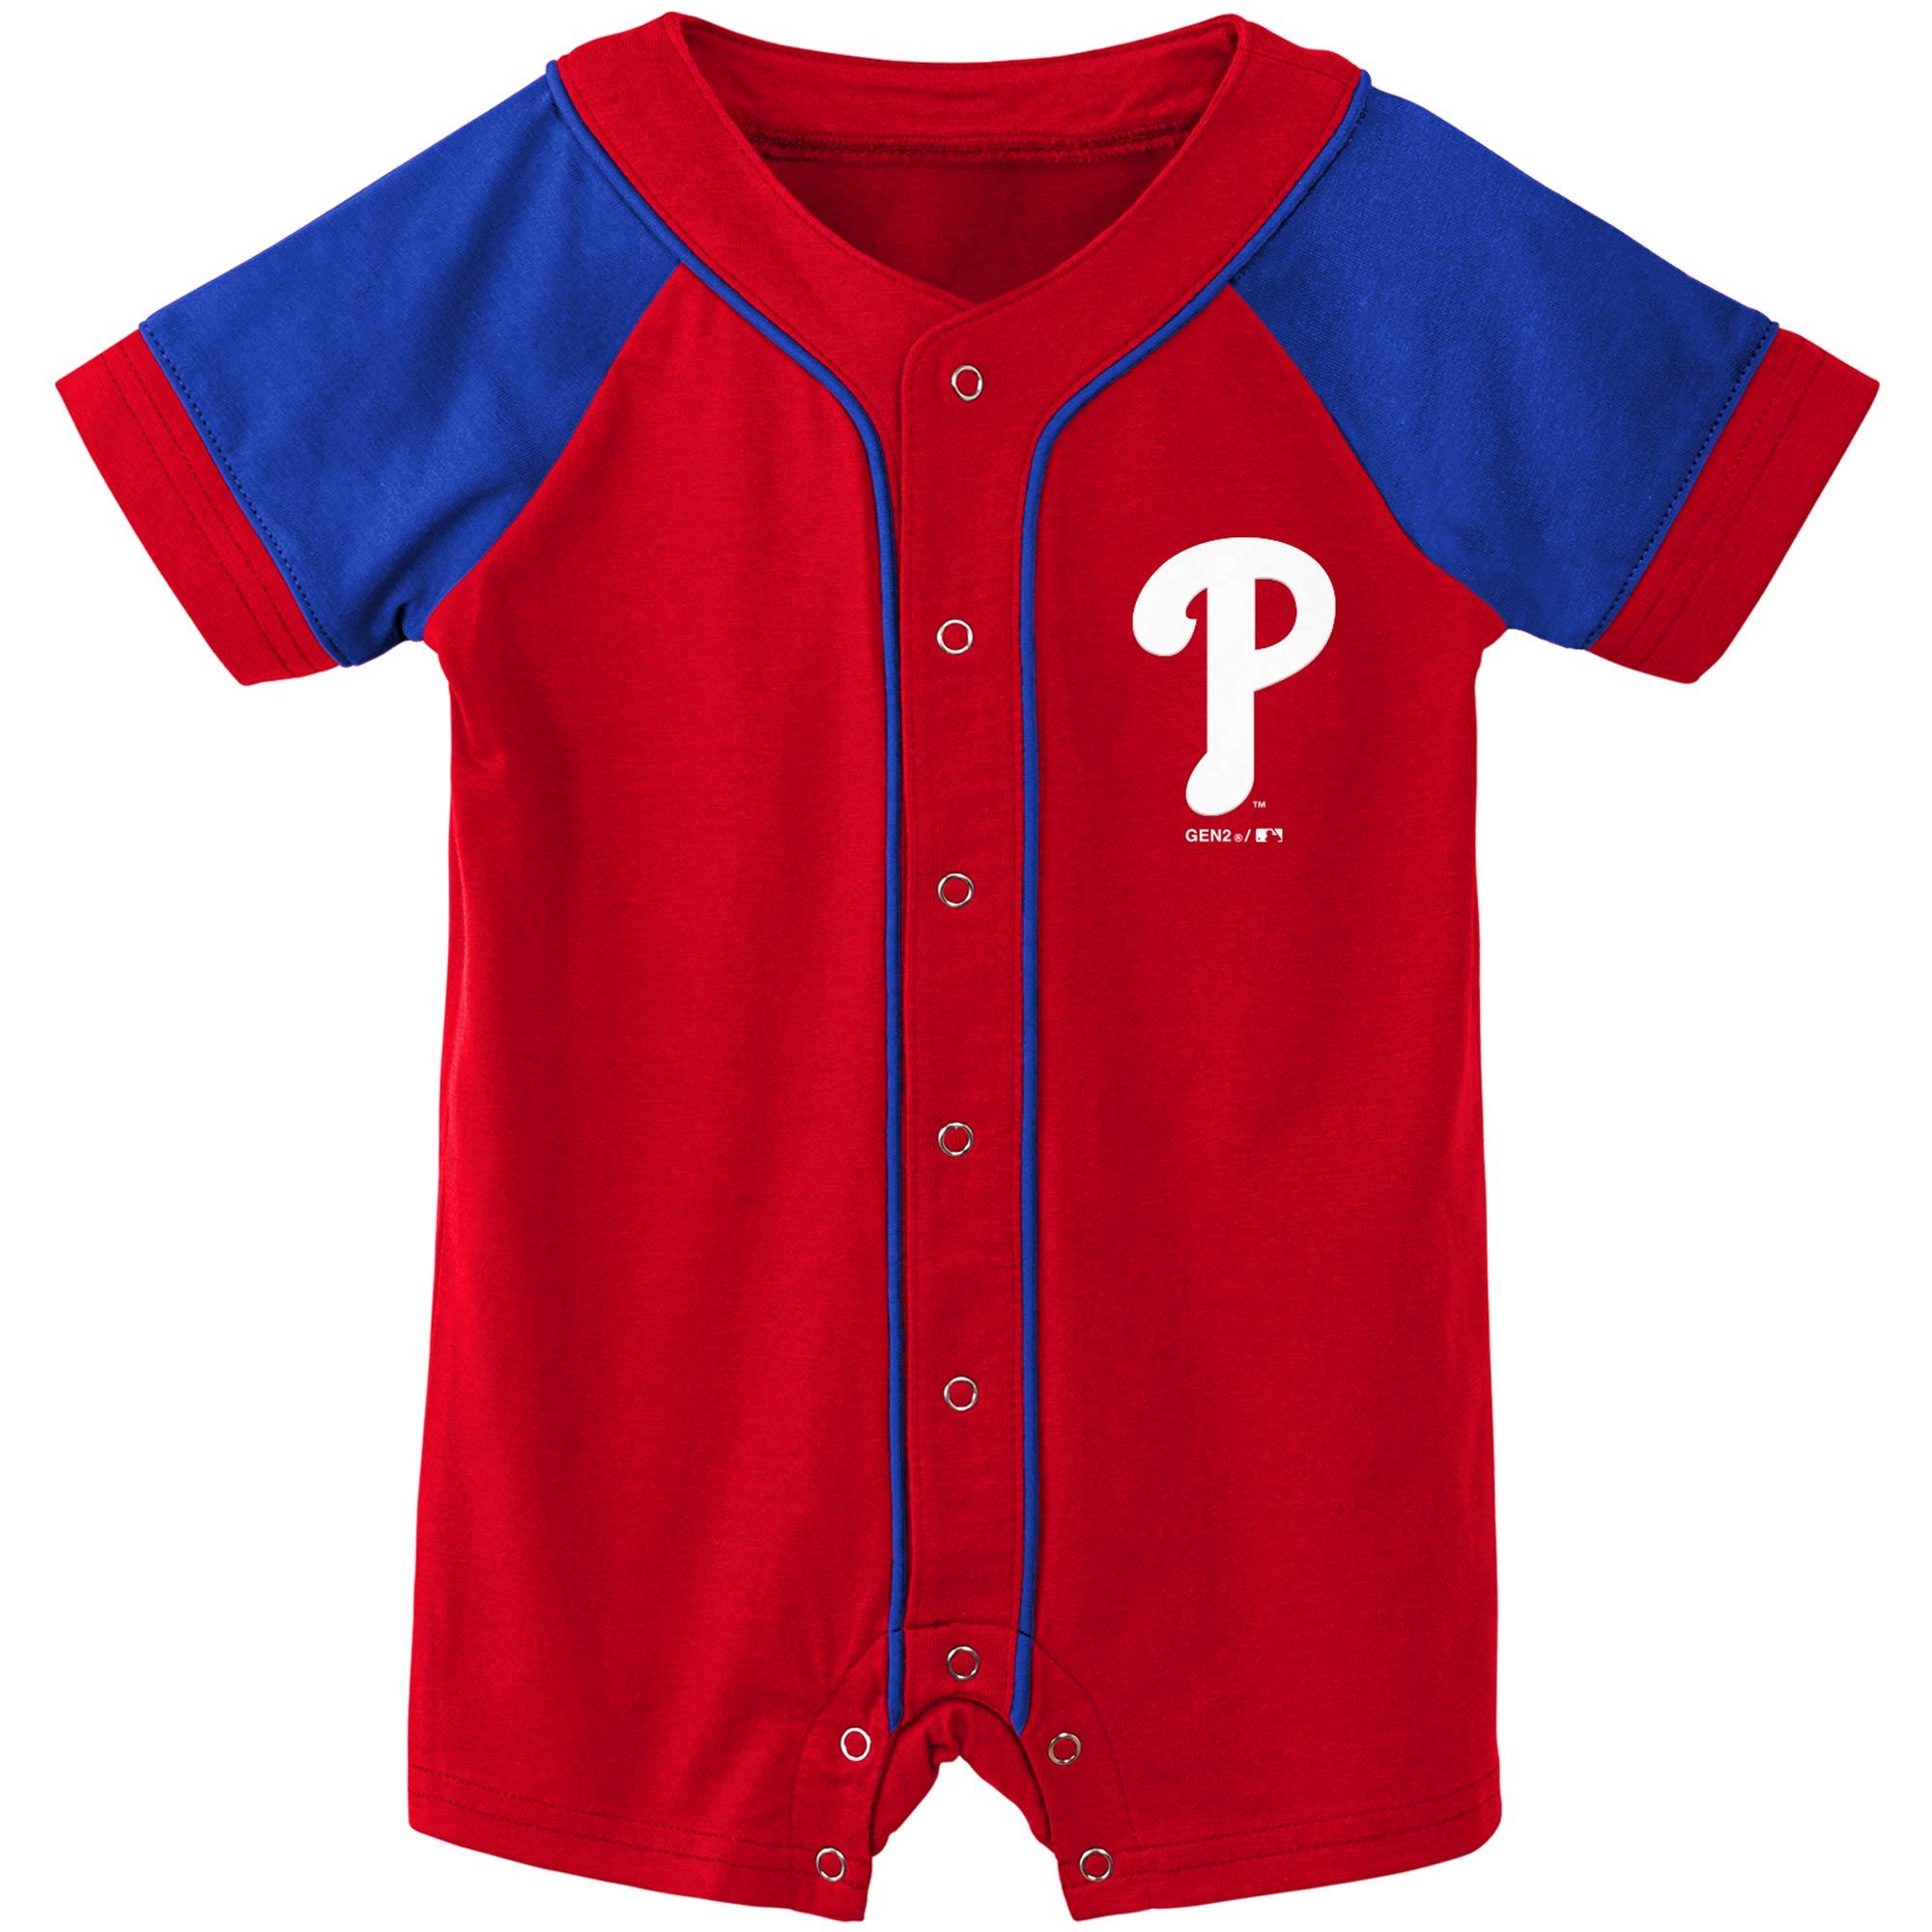 Philadelphia Phillies Newborn & Infant Little Slugger Romper - Red